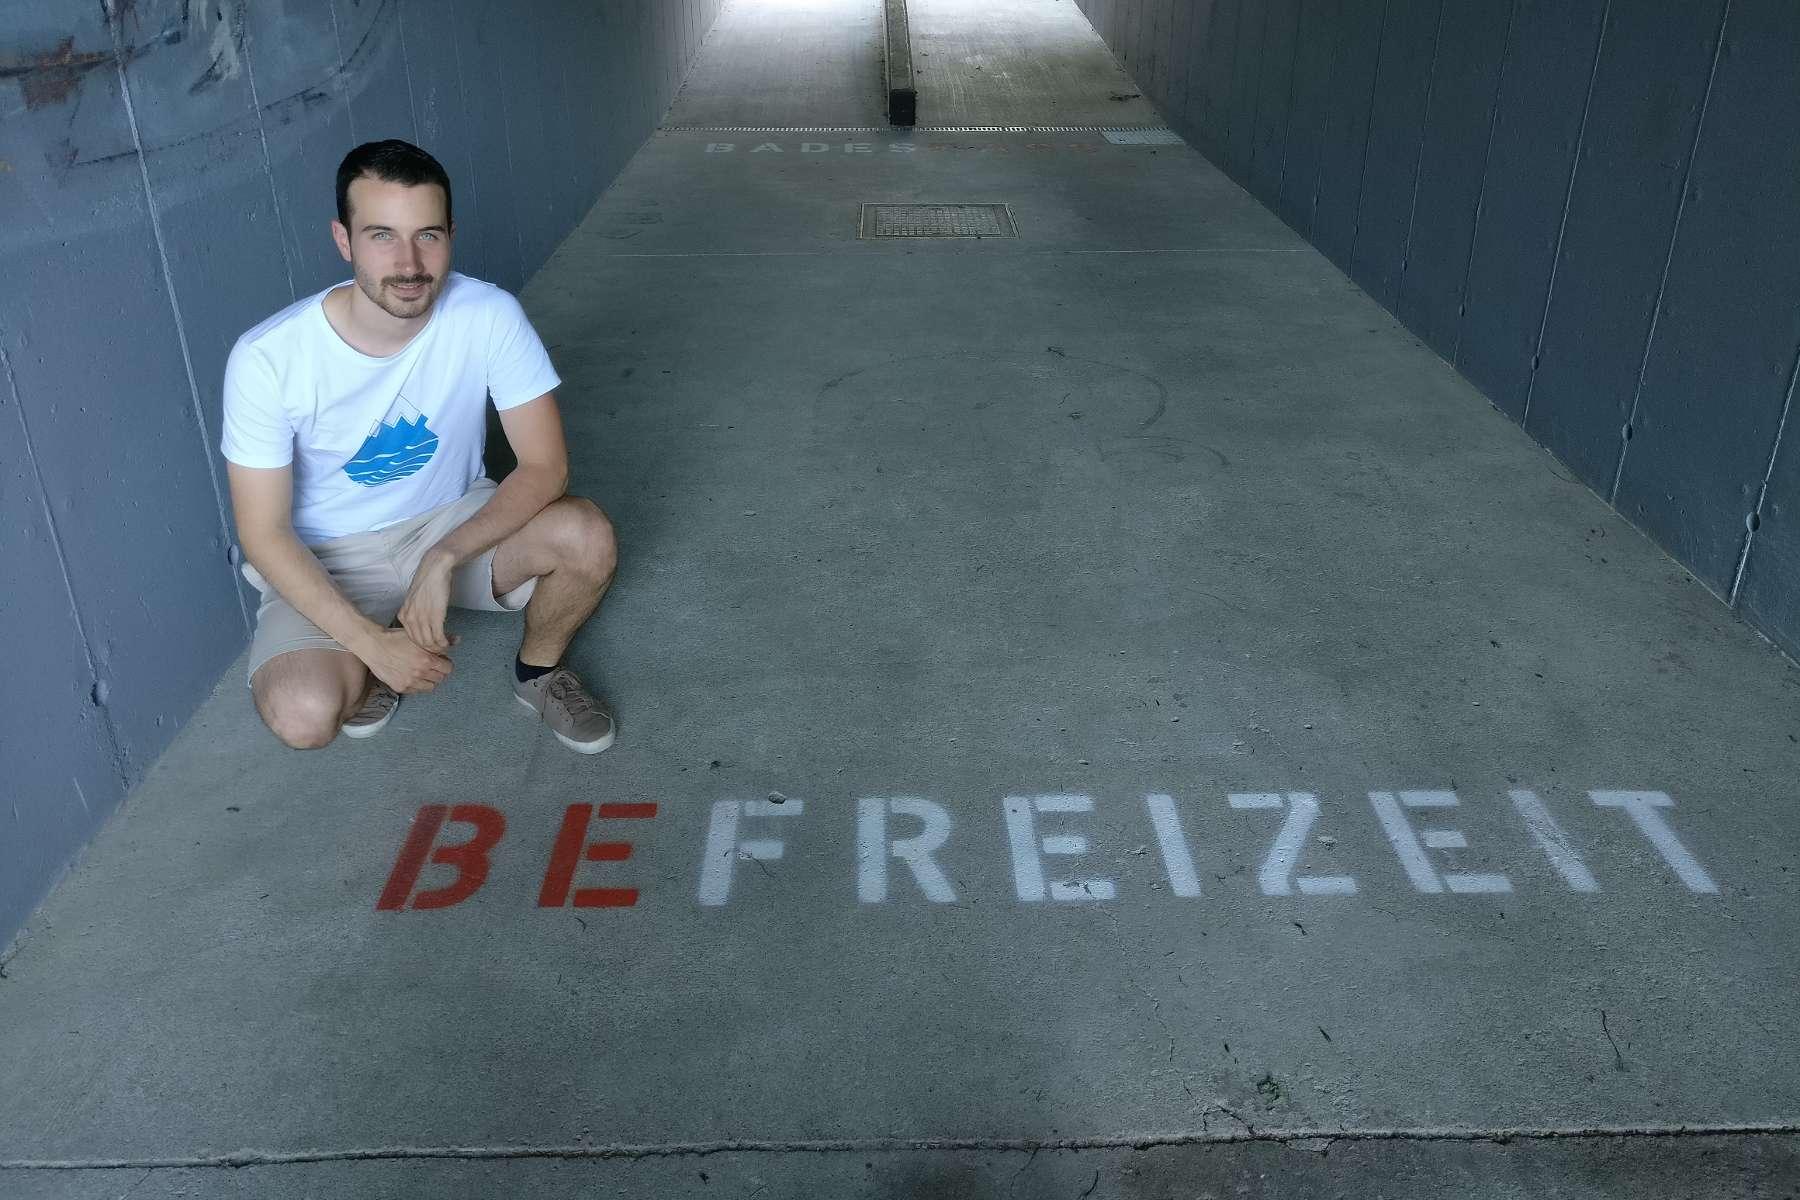 Teures Kunstprojekt2.000 Euro für sieben Wörter und ein bisschen Farbe!